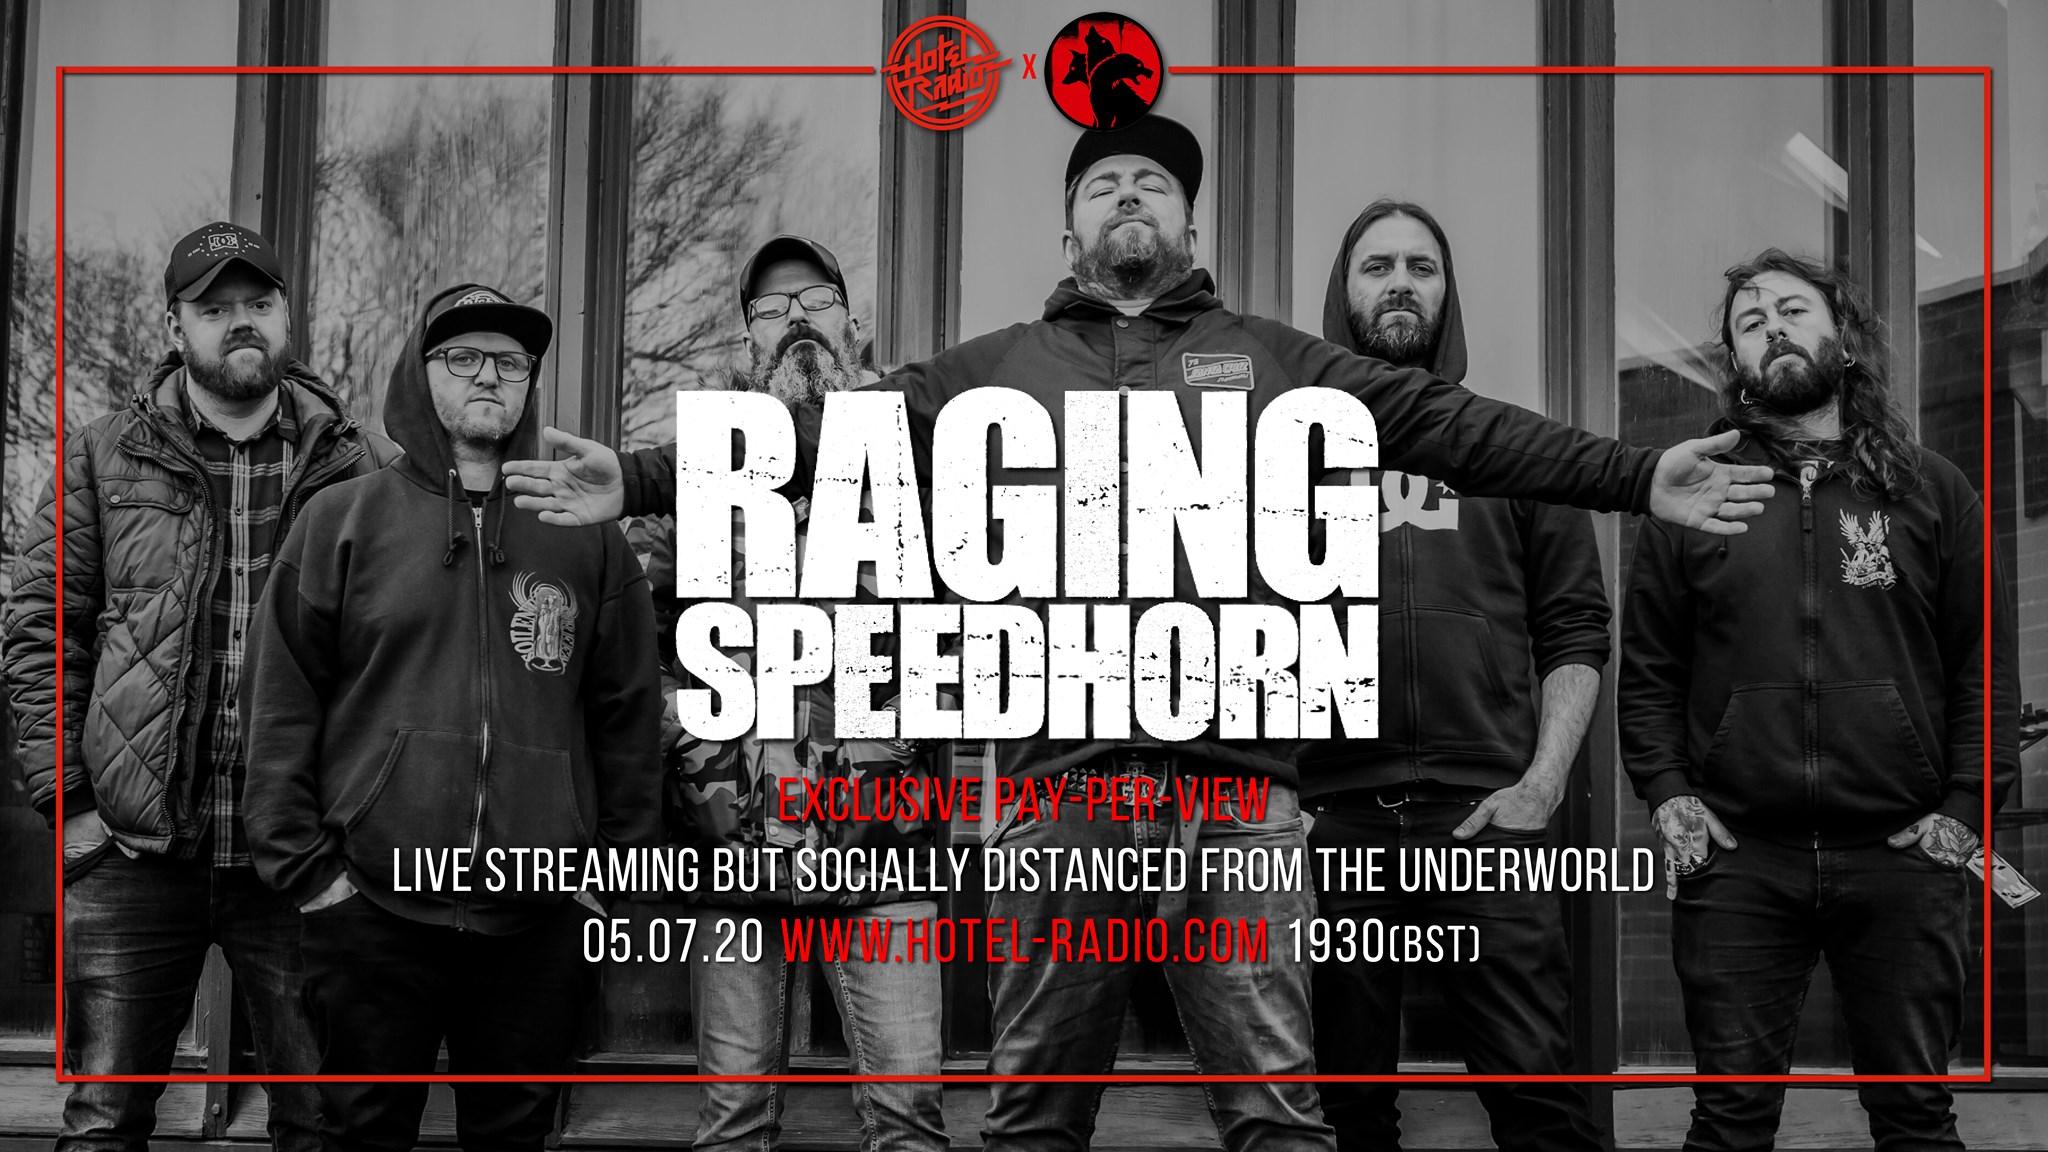 Speedhorn Stream